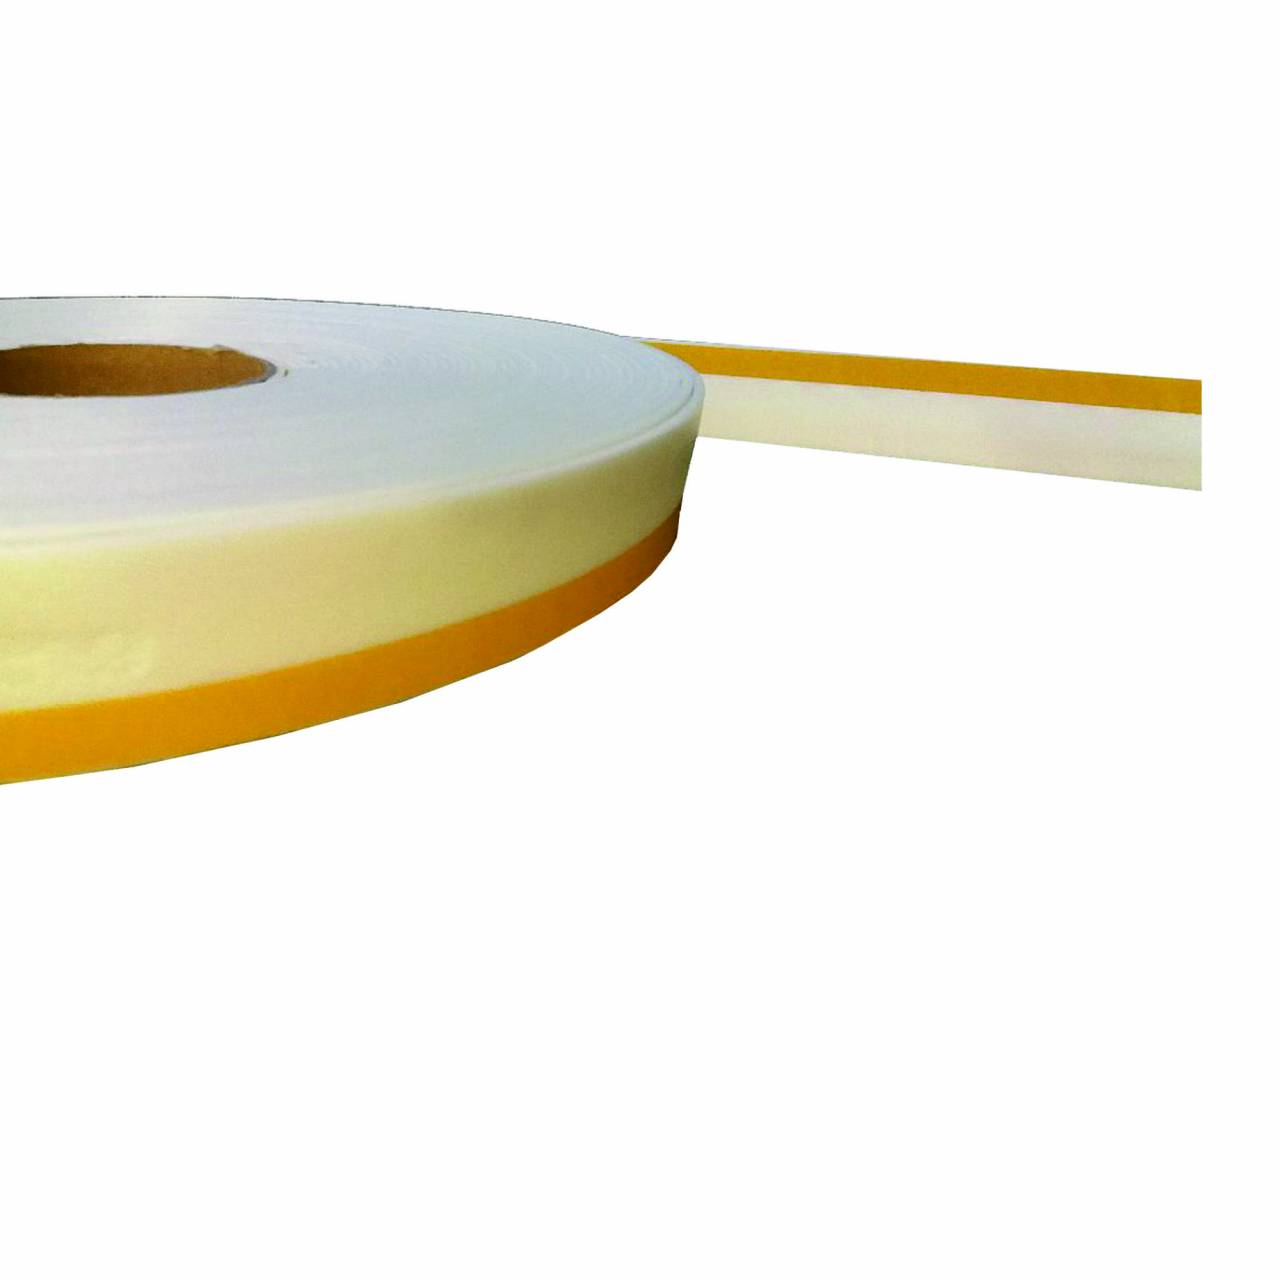 PE-Trennstreifen 'DUO' 3 x 35 mm x 25 m / Krt a 26 Rollen